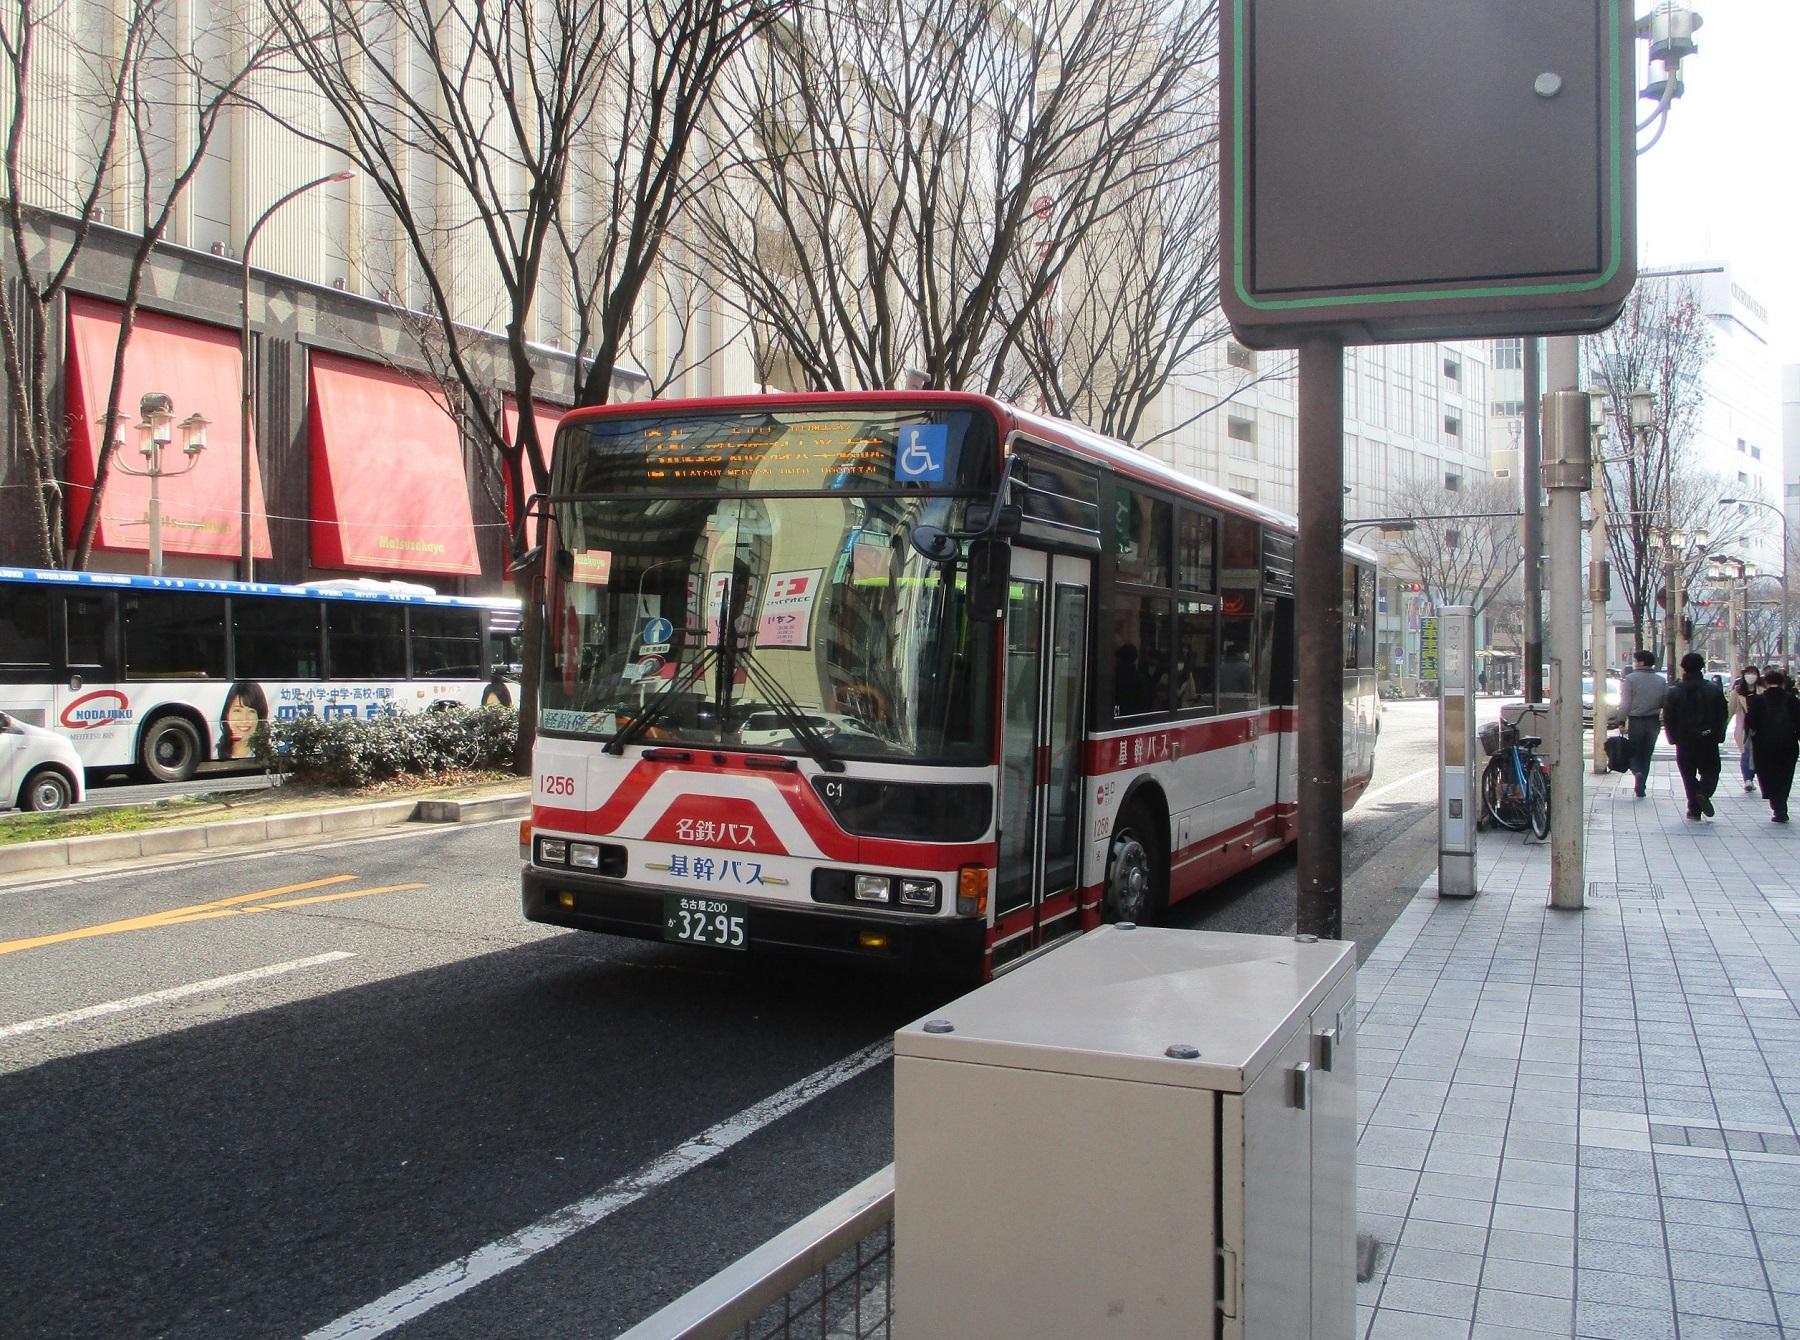 2020.2.12 (48) 松坂屋前バス停 - 愛知医科大学病院いきバス 1800-1340